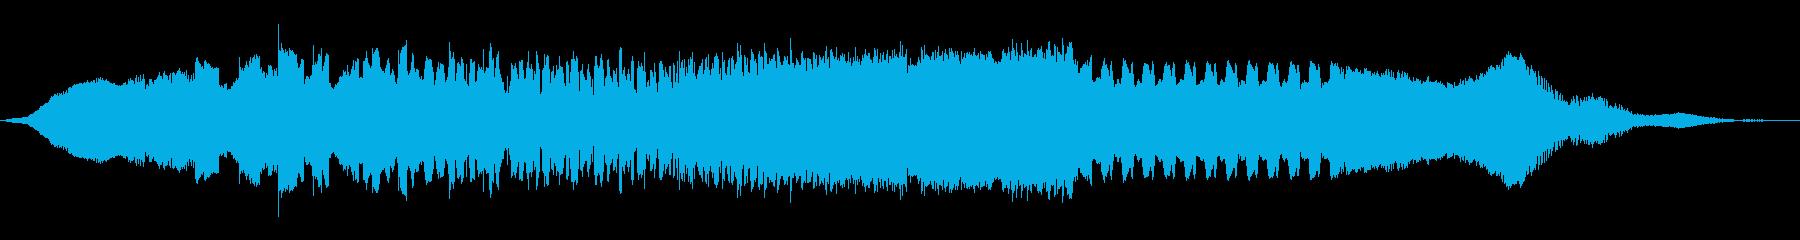 ワープフィールド信号の再生済みの波形